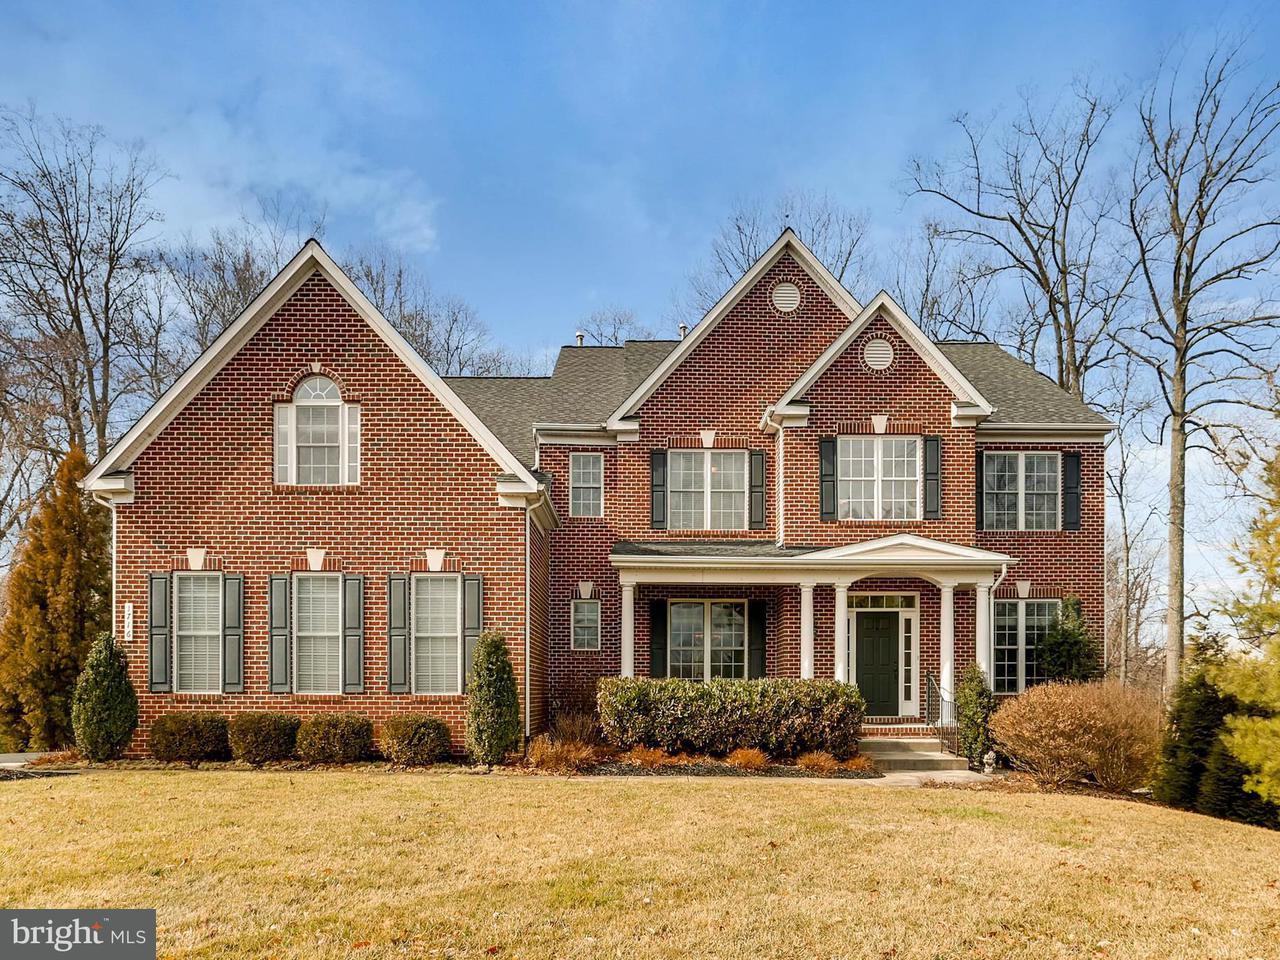 Vivienda unifamiliar por un Venta en 1716 Beechview Court 1716 Beechview Court Bel Air, Maryland 21015 Estados Unidos